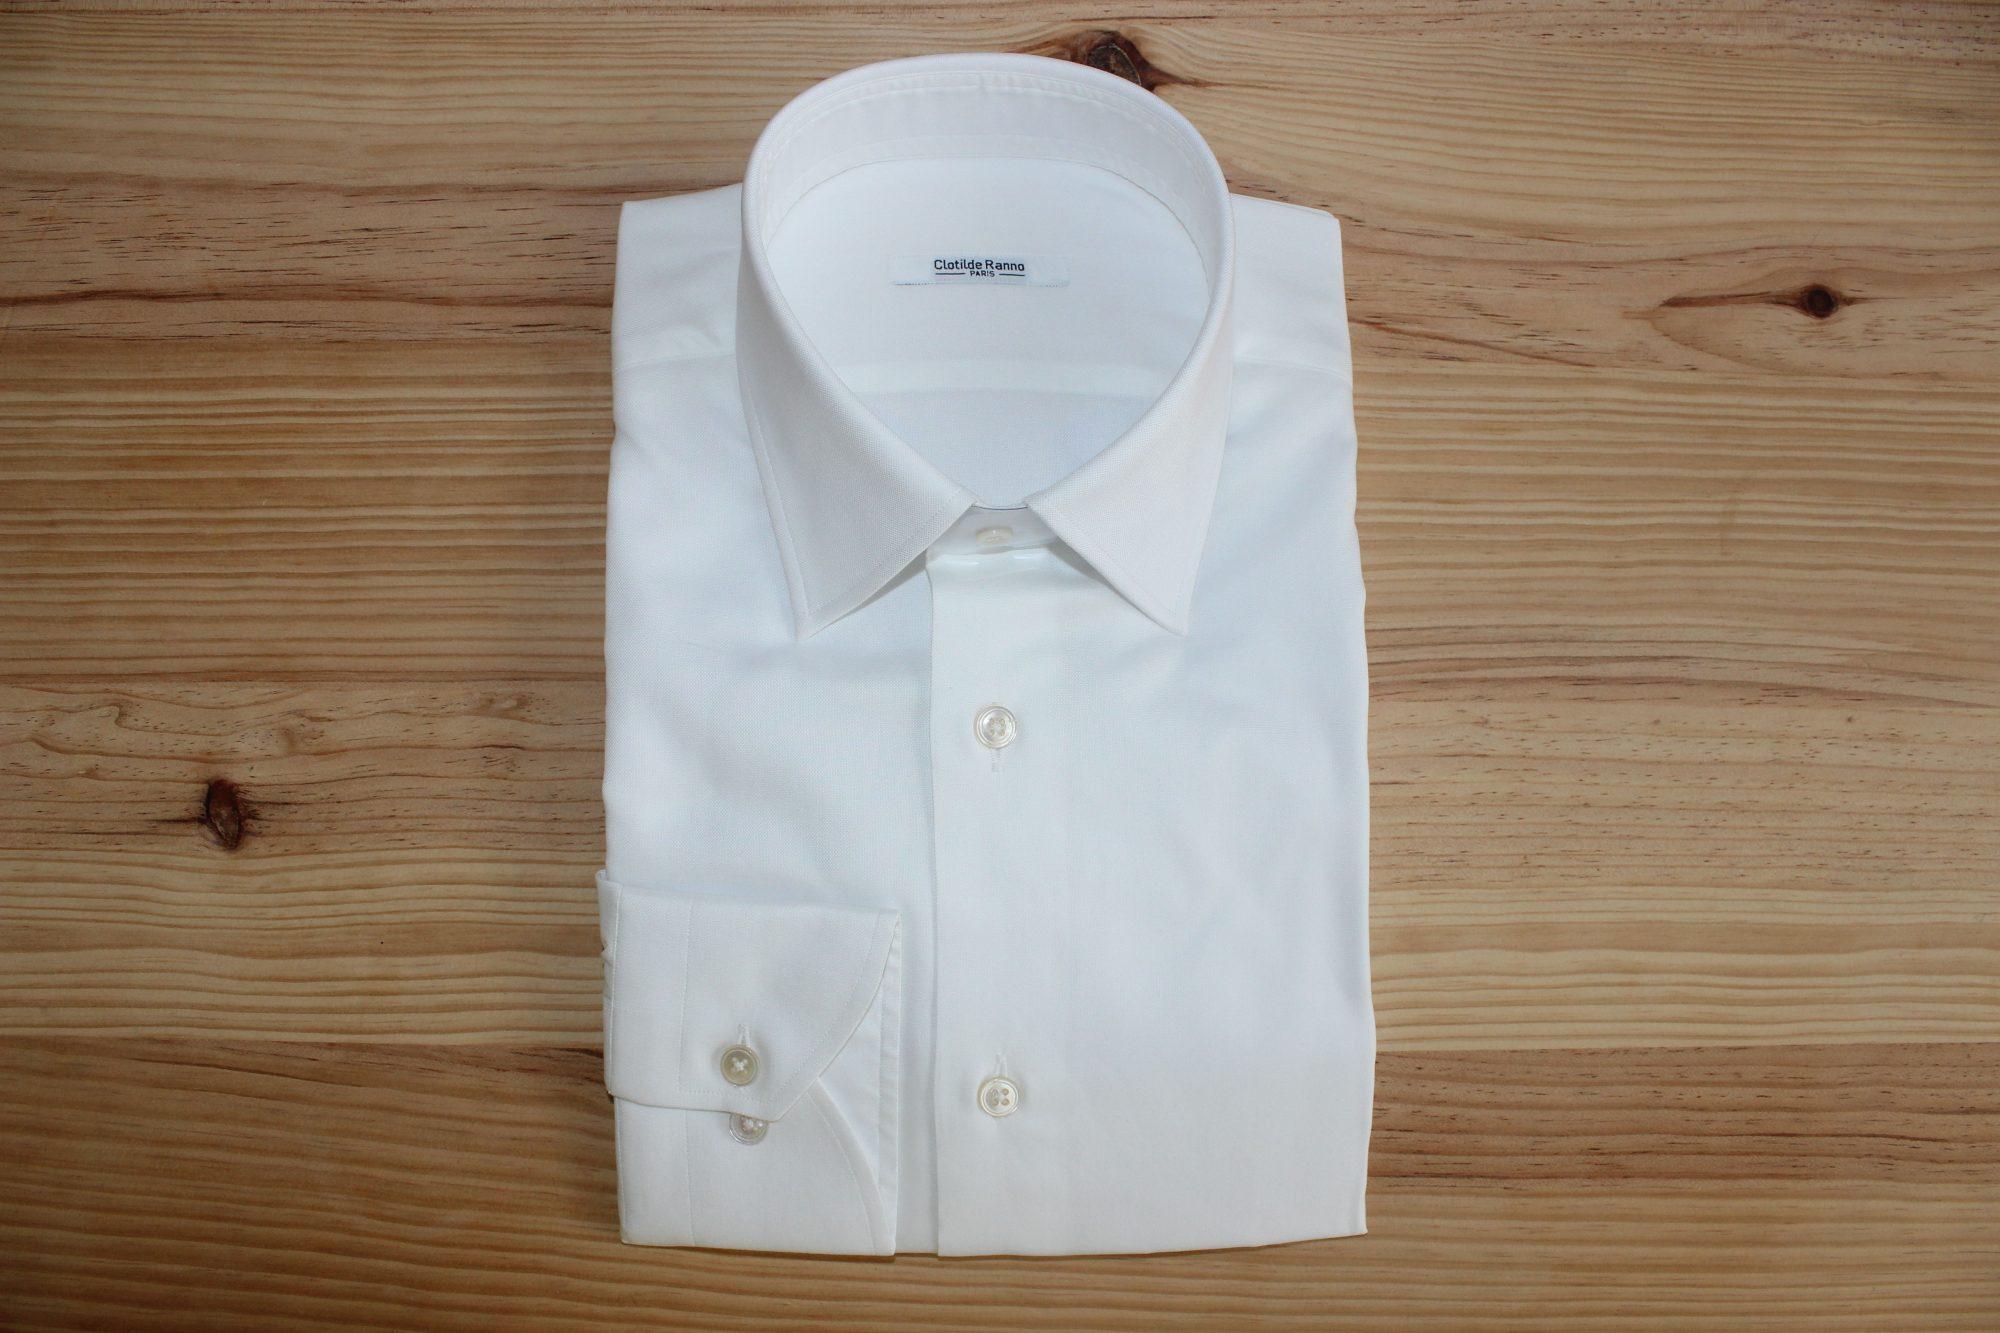 chemise blanche coton égyptien sur mesure , chemise blanche coton égyptien , chemise blanche sur mesure